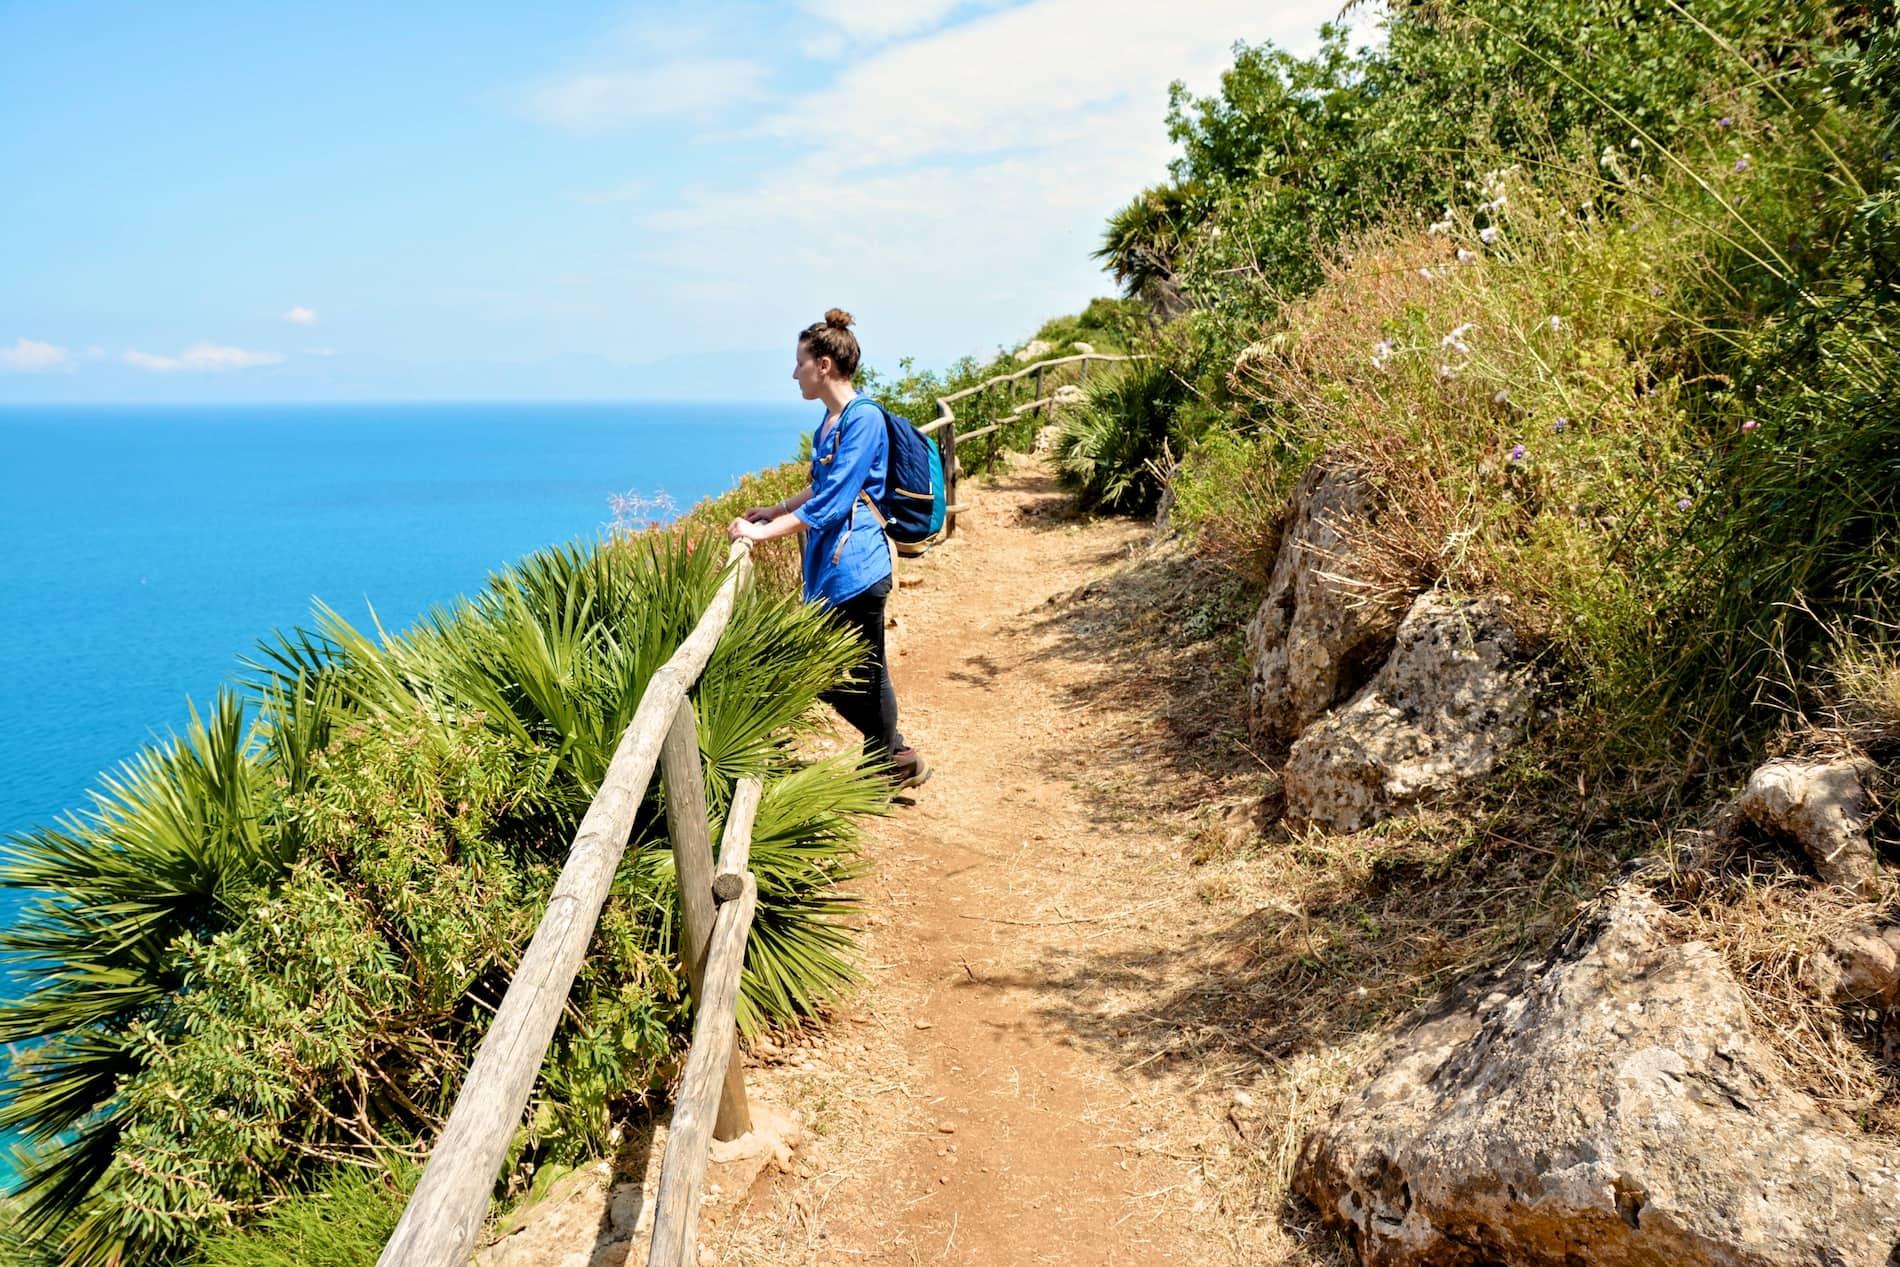 La réserve naturelle du Zingaro en Sicile : randonnée au paradis